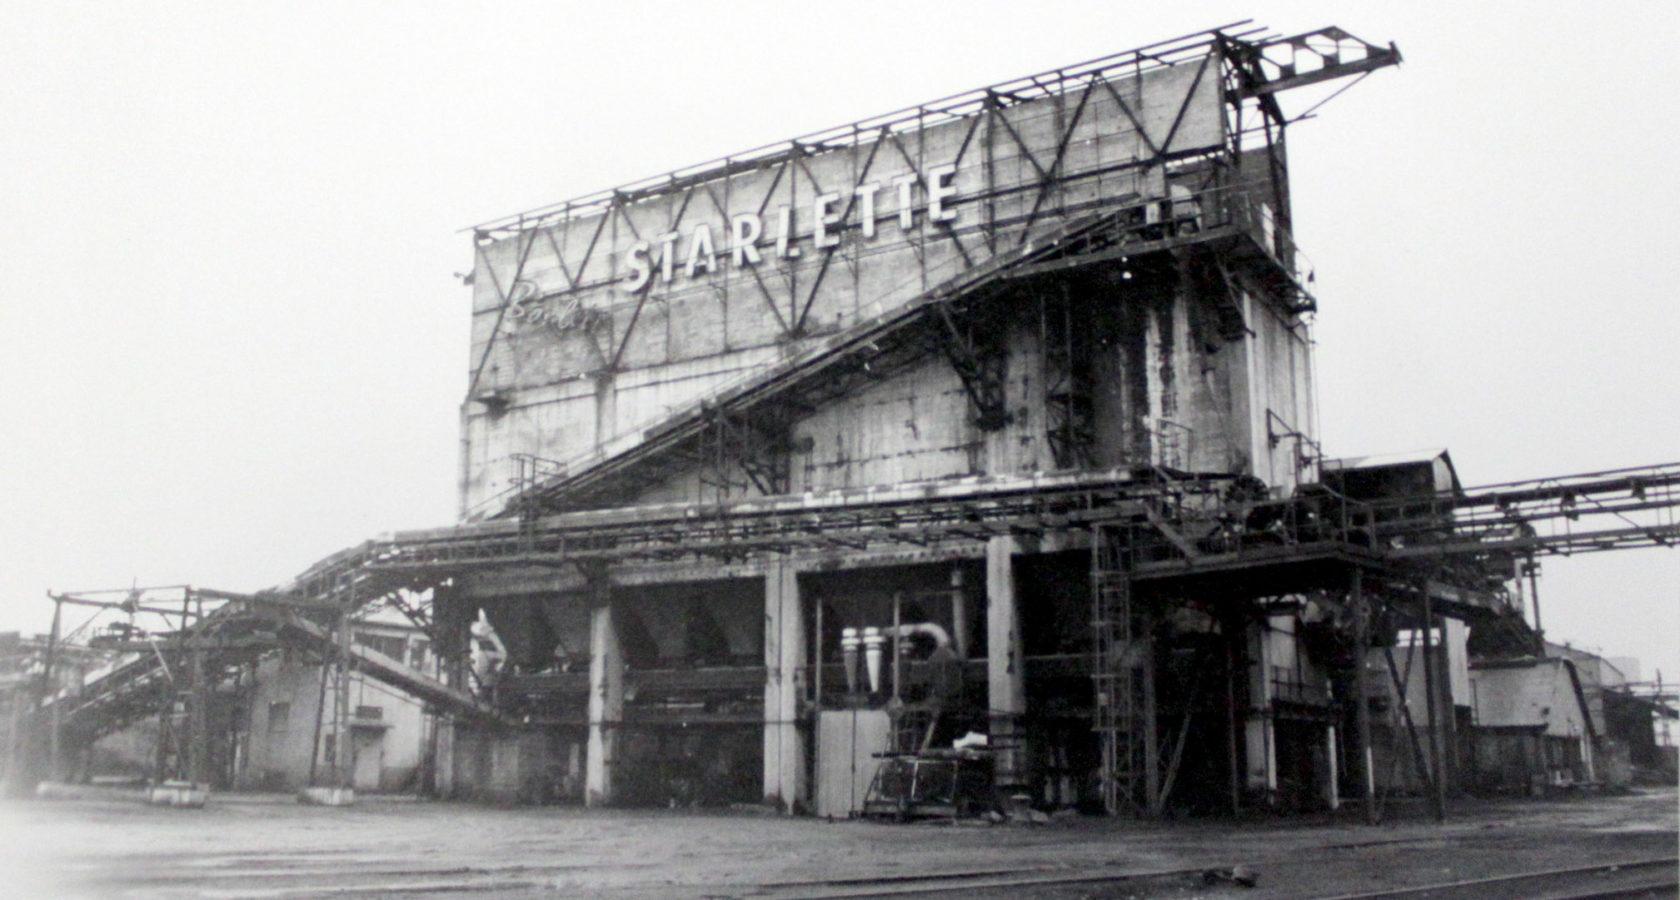 Starlette coal pellet factory in the 20th century. Photo credit: Inventaire de la région/Patrimoine d'Alsace